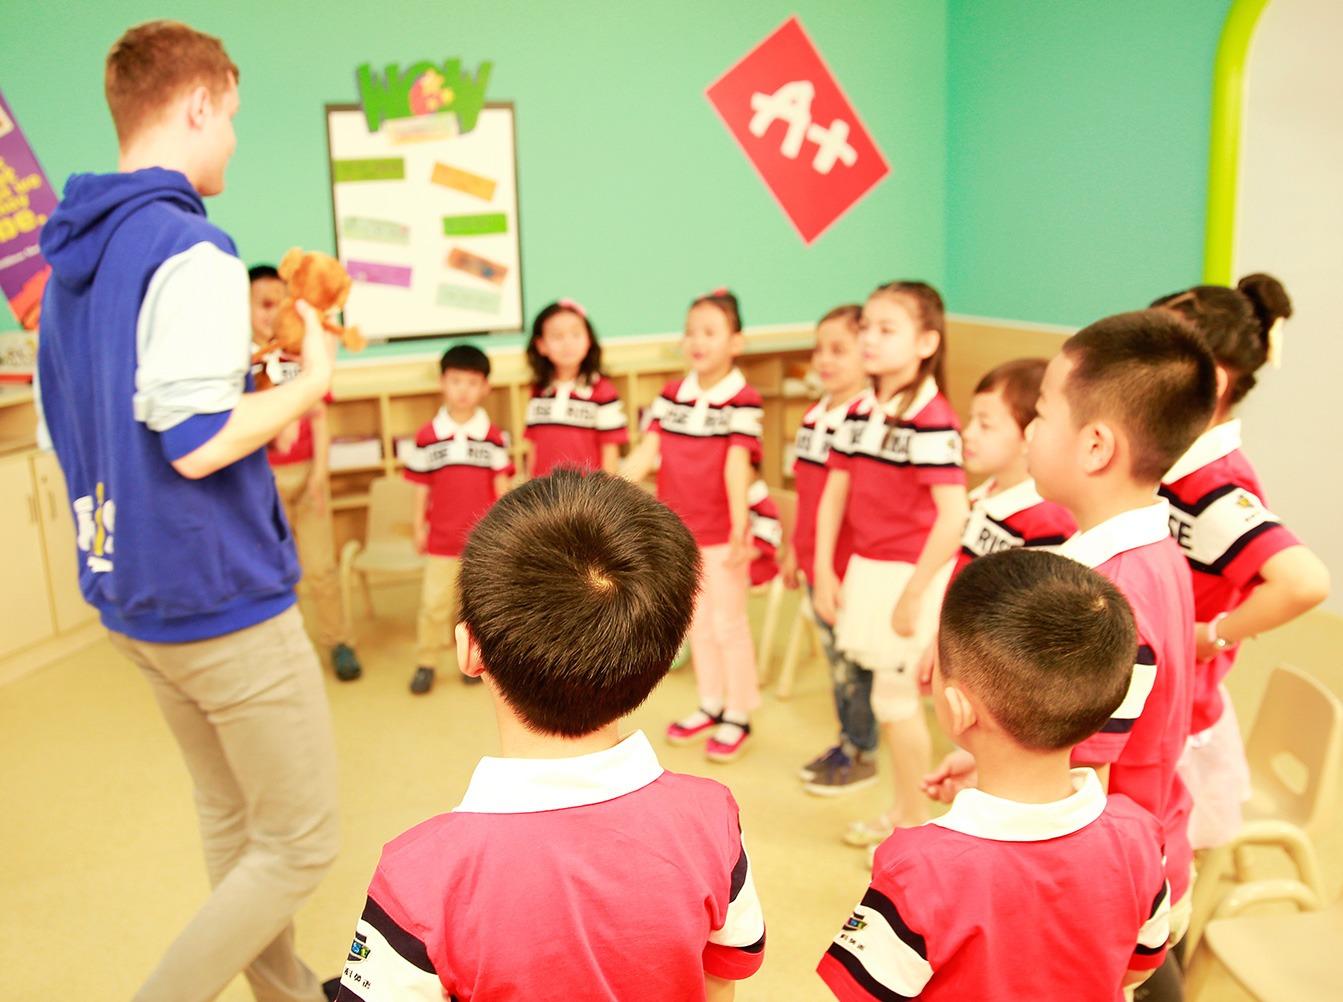 少儿趣味学英语,体验边玩边学的乐趣